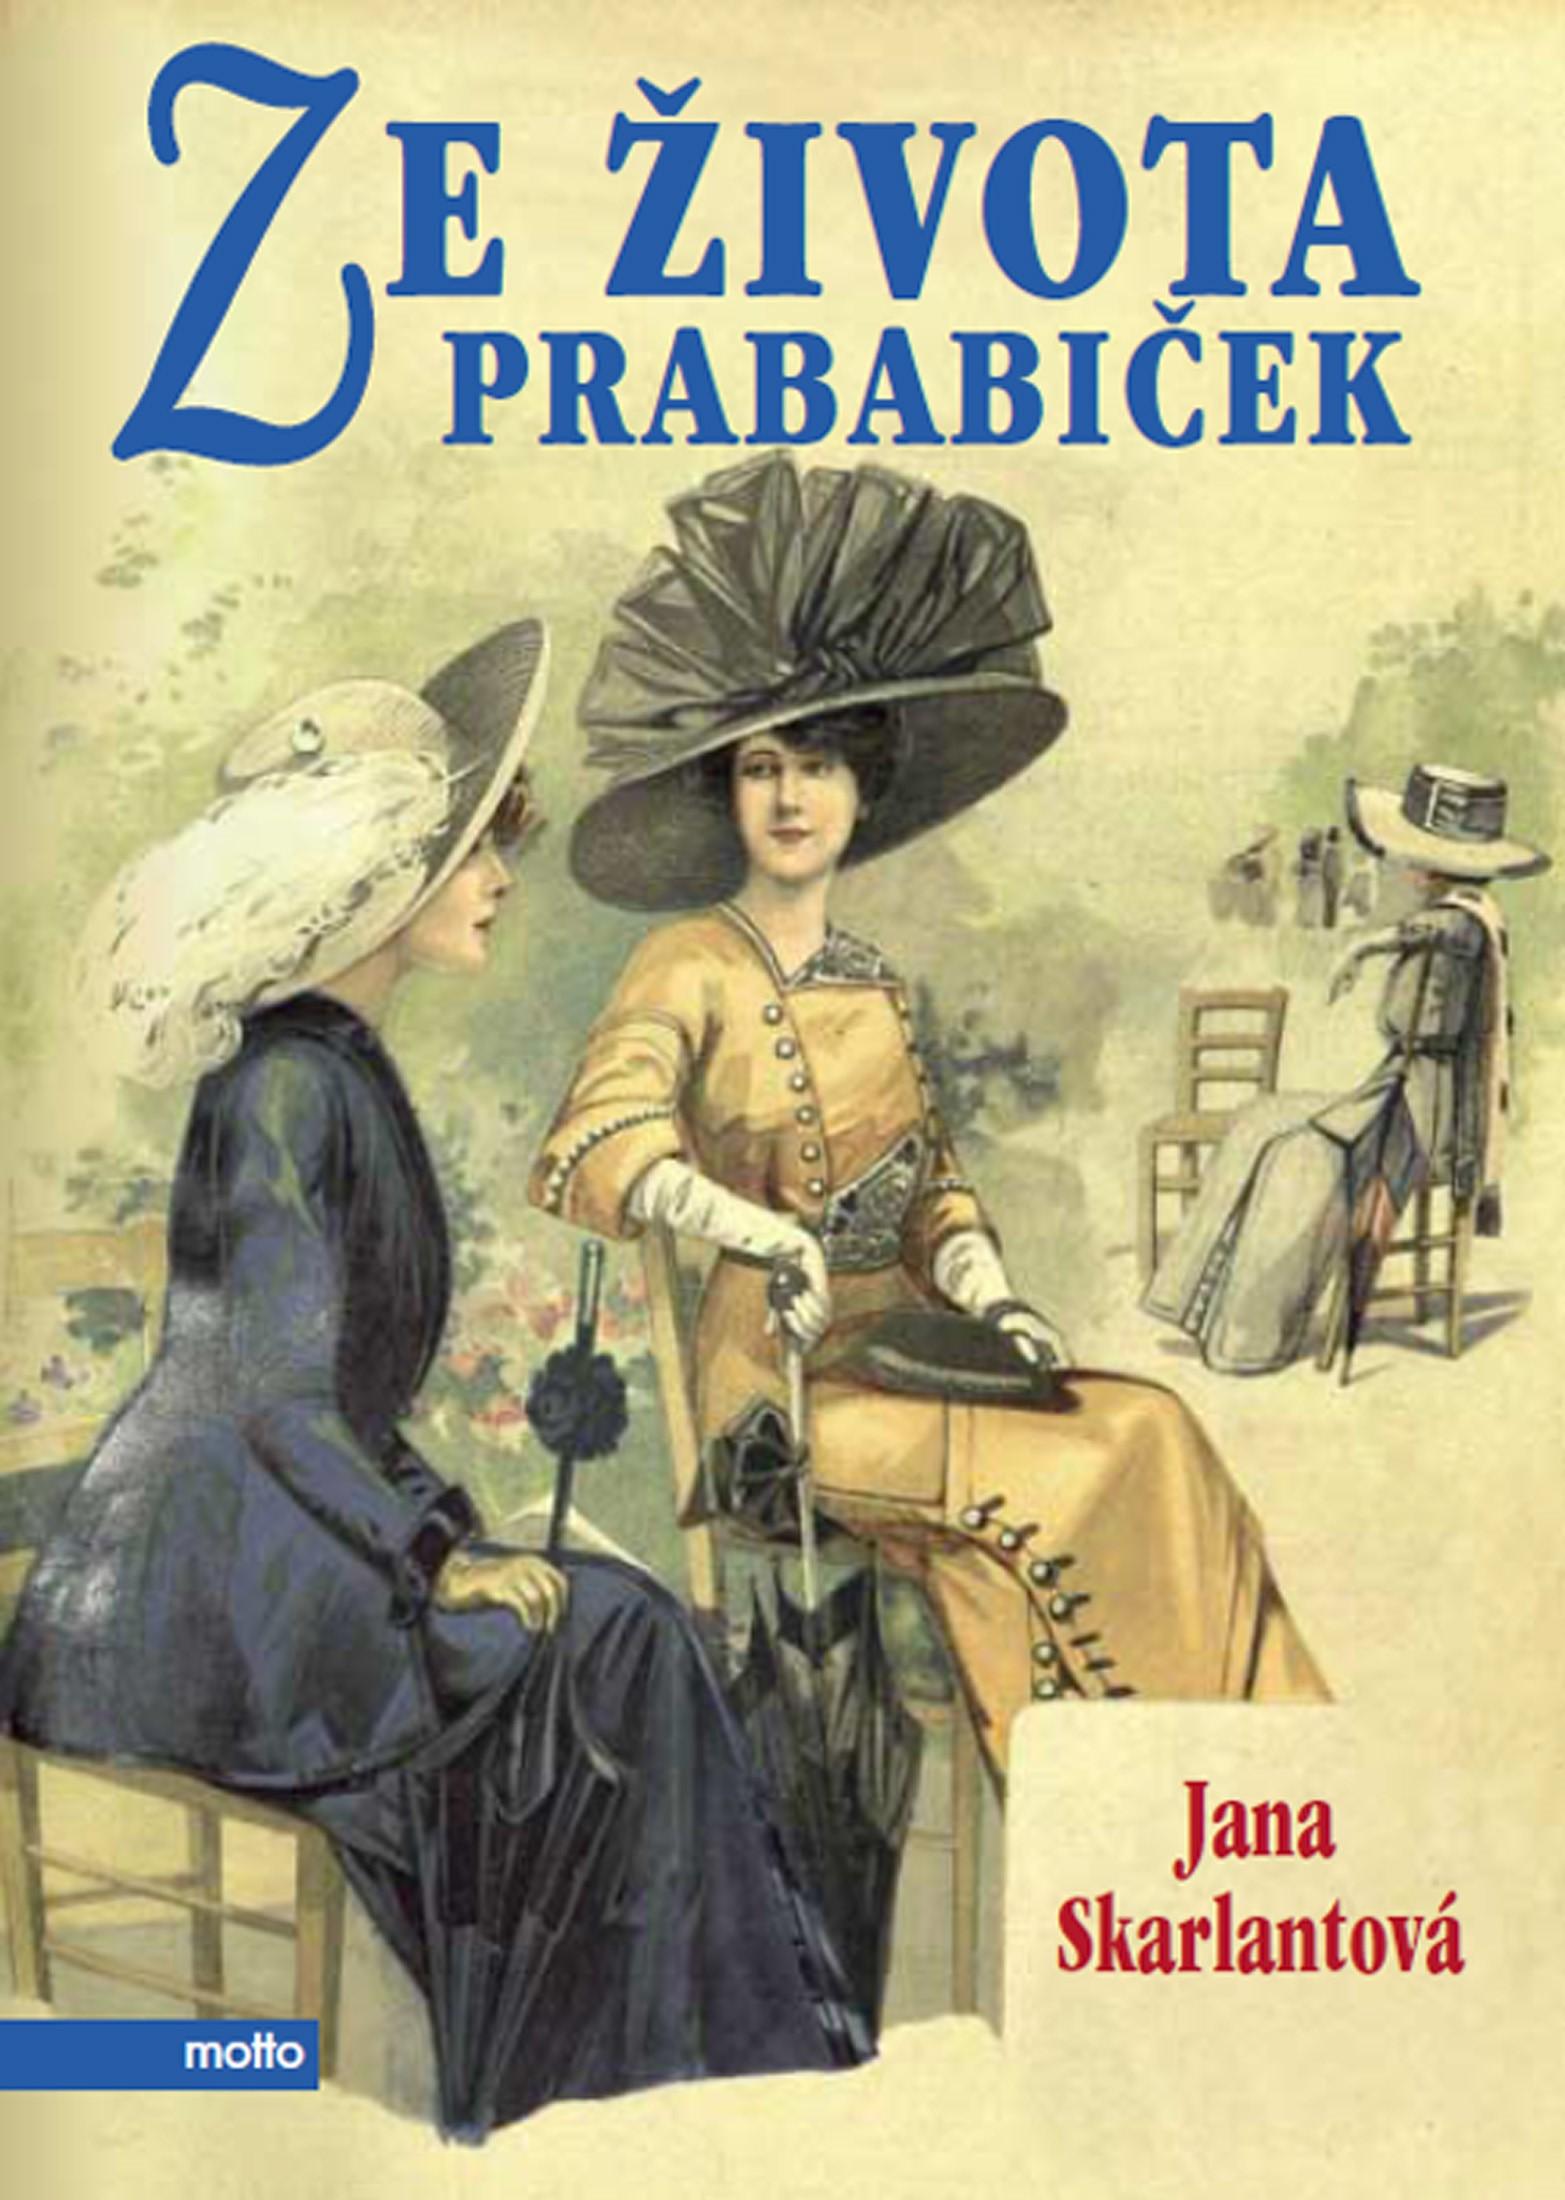 Ze života prababiček | Jana Skarlantová